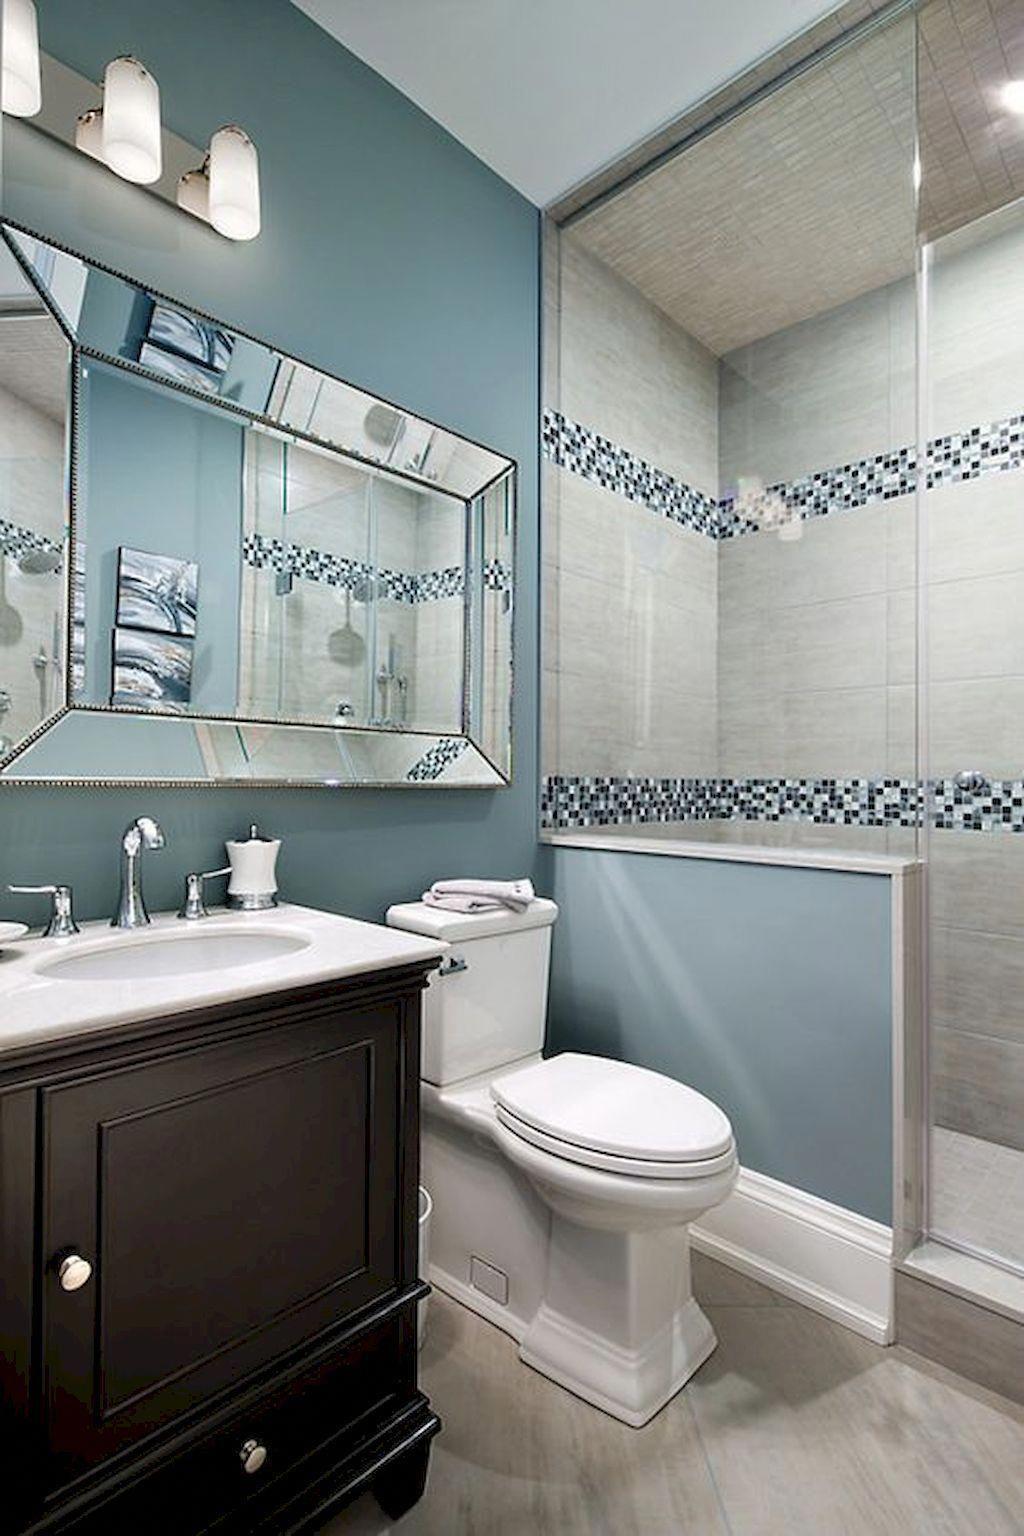 4 warm clever ideas bathroom remodel cost diy bathroom